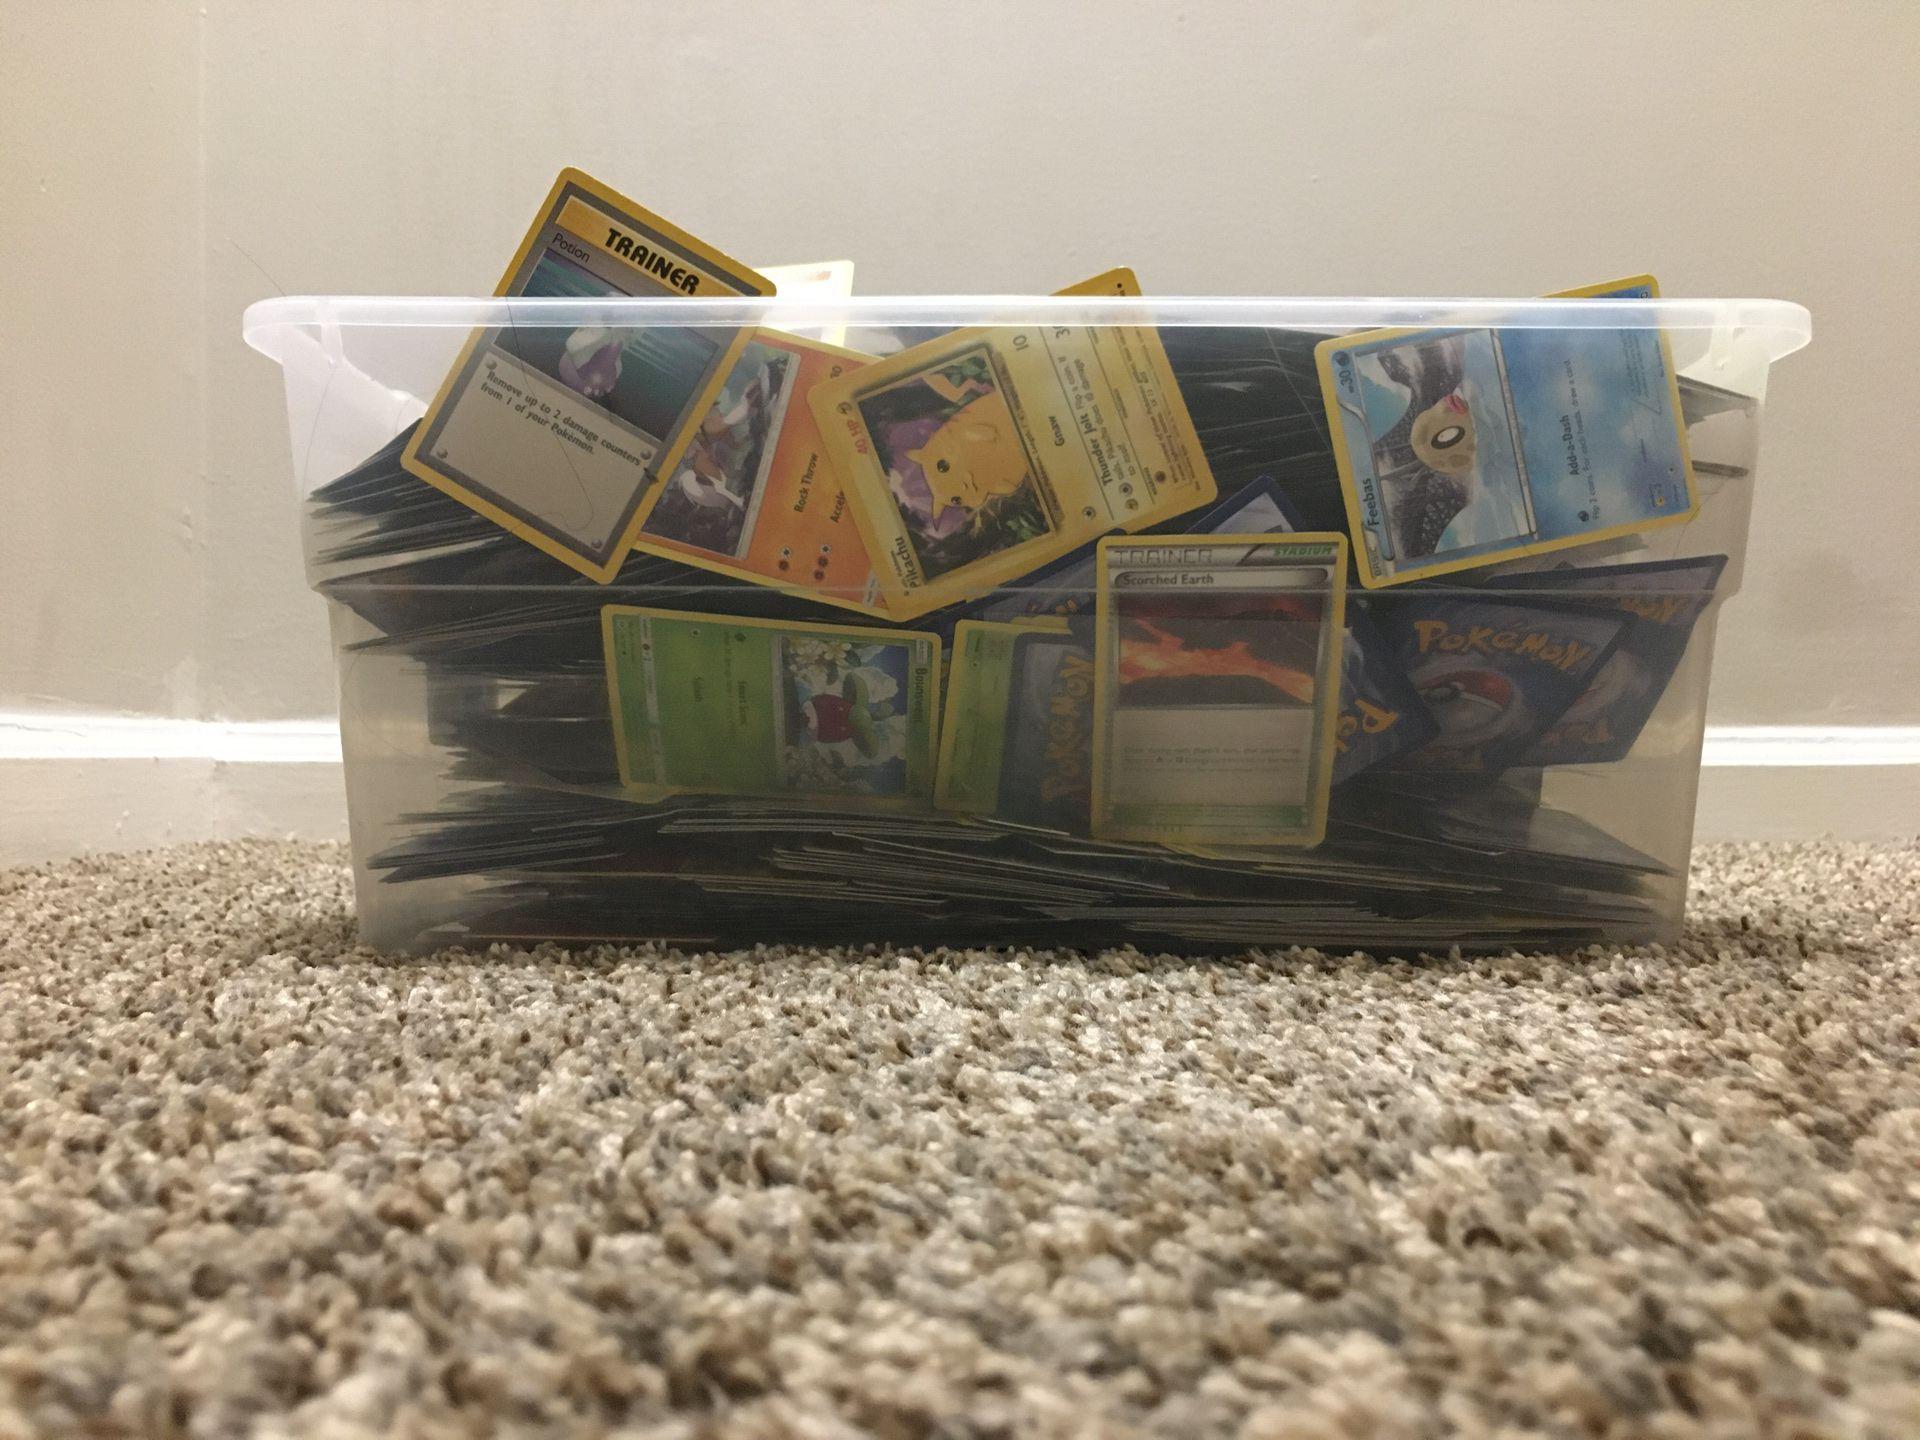 15 pound box of very rare Pokémon